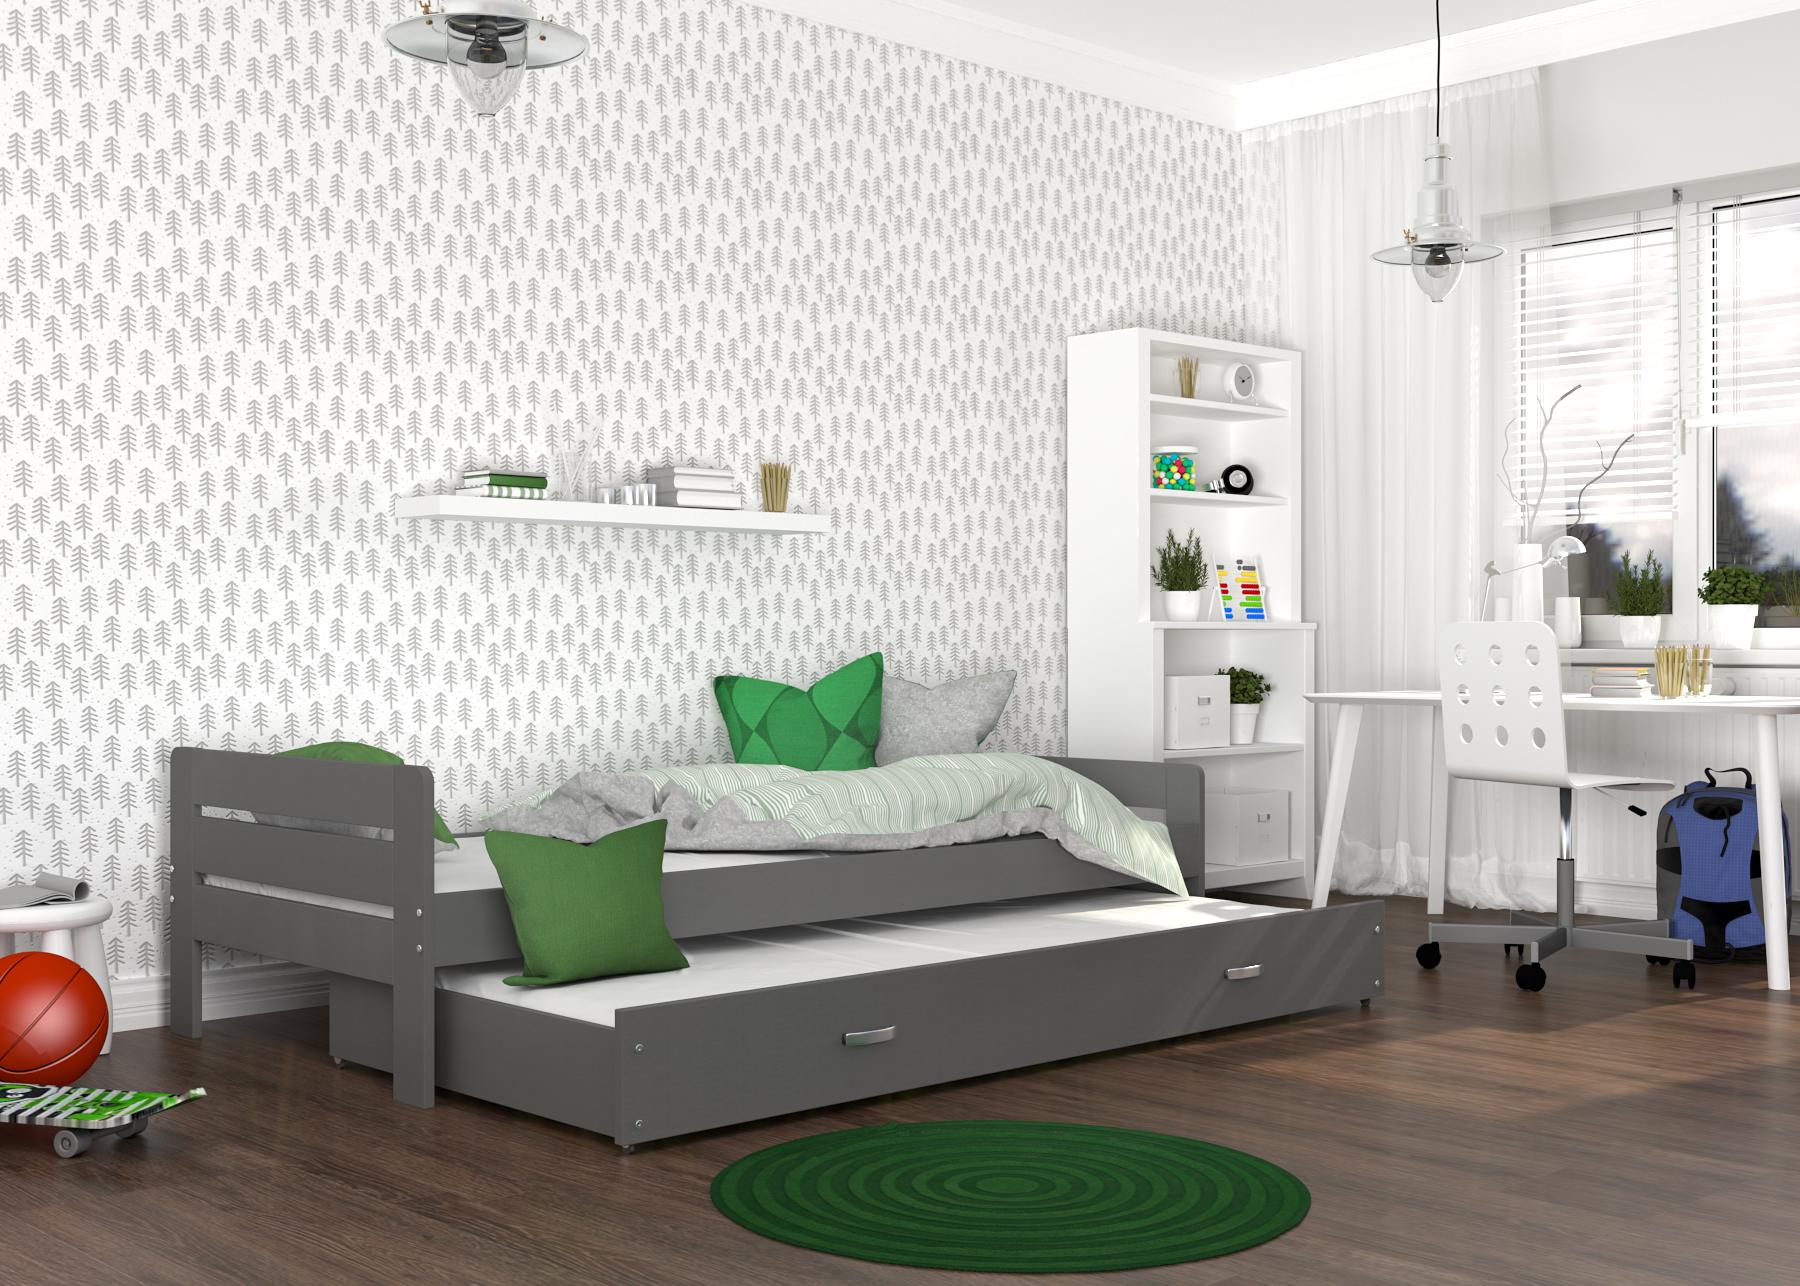 ArtAJ Detská posteľ Ben Farba: Sivá, Prevedenie: s matracom